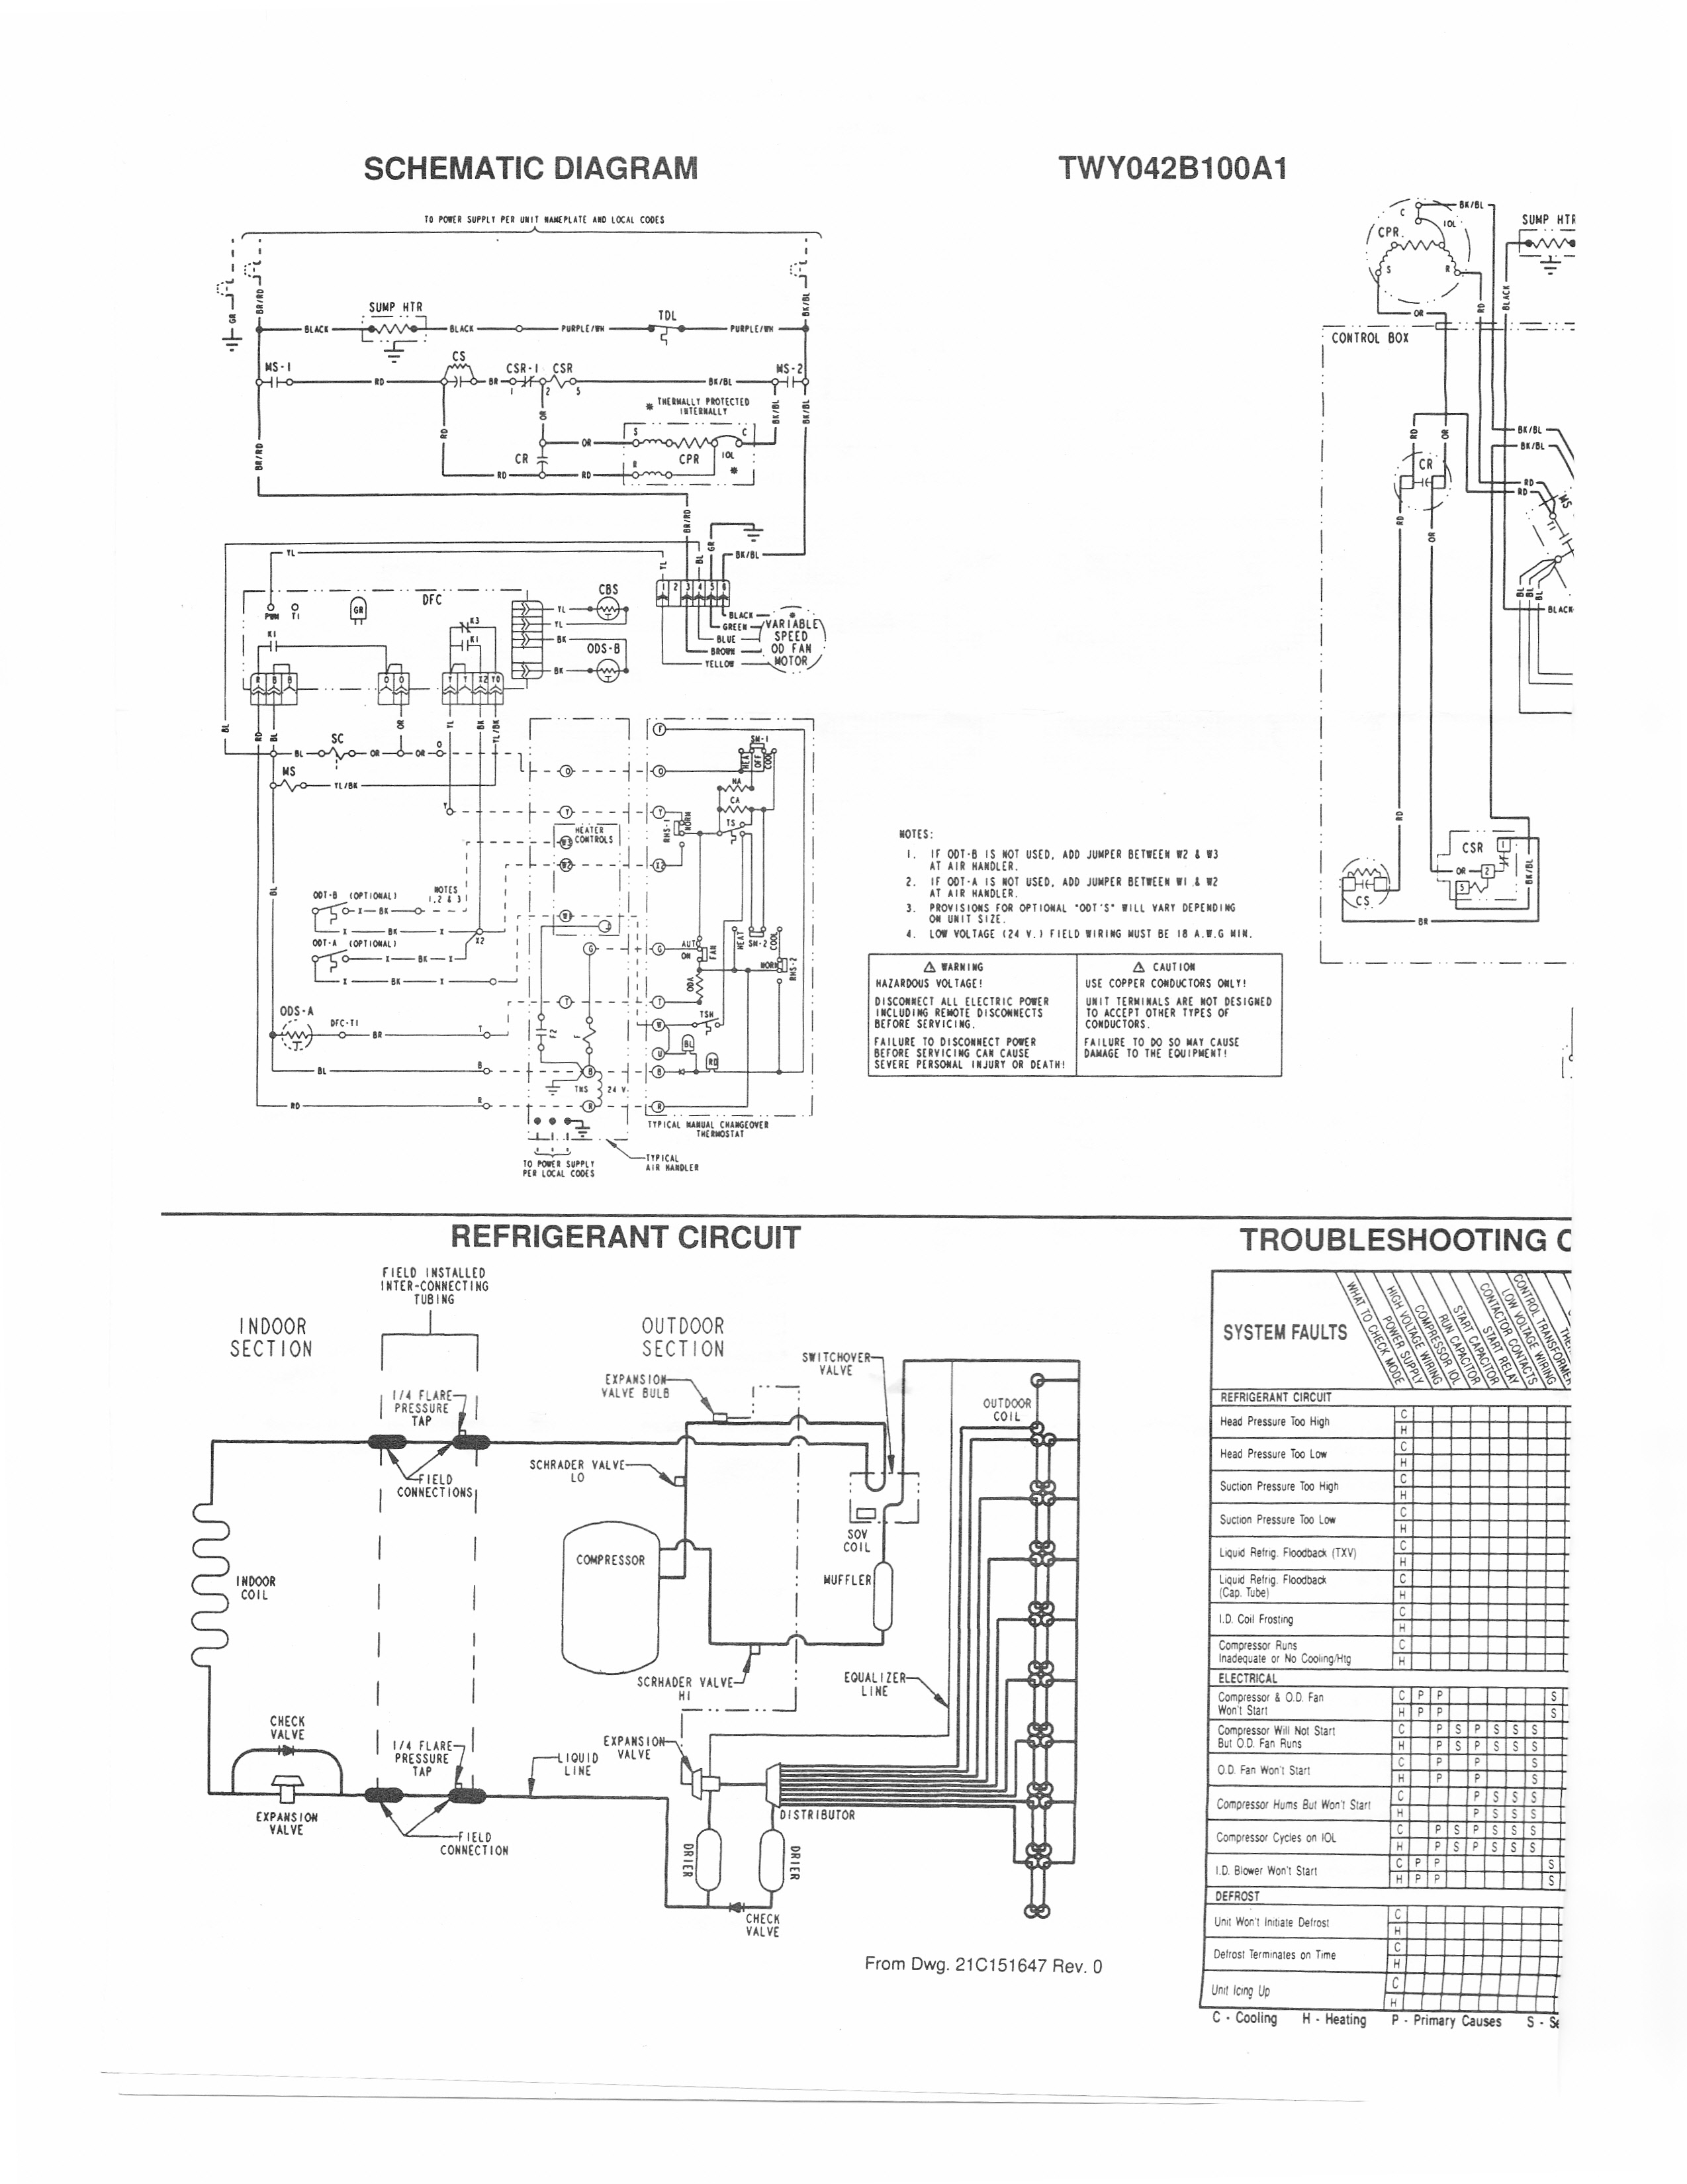 I Have A Trane Xl1400 Heat Pump (Model Twy042B100A1) And The Control - Trane Heat Pump Wiring Diagram